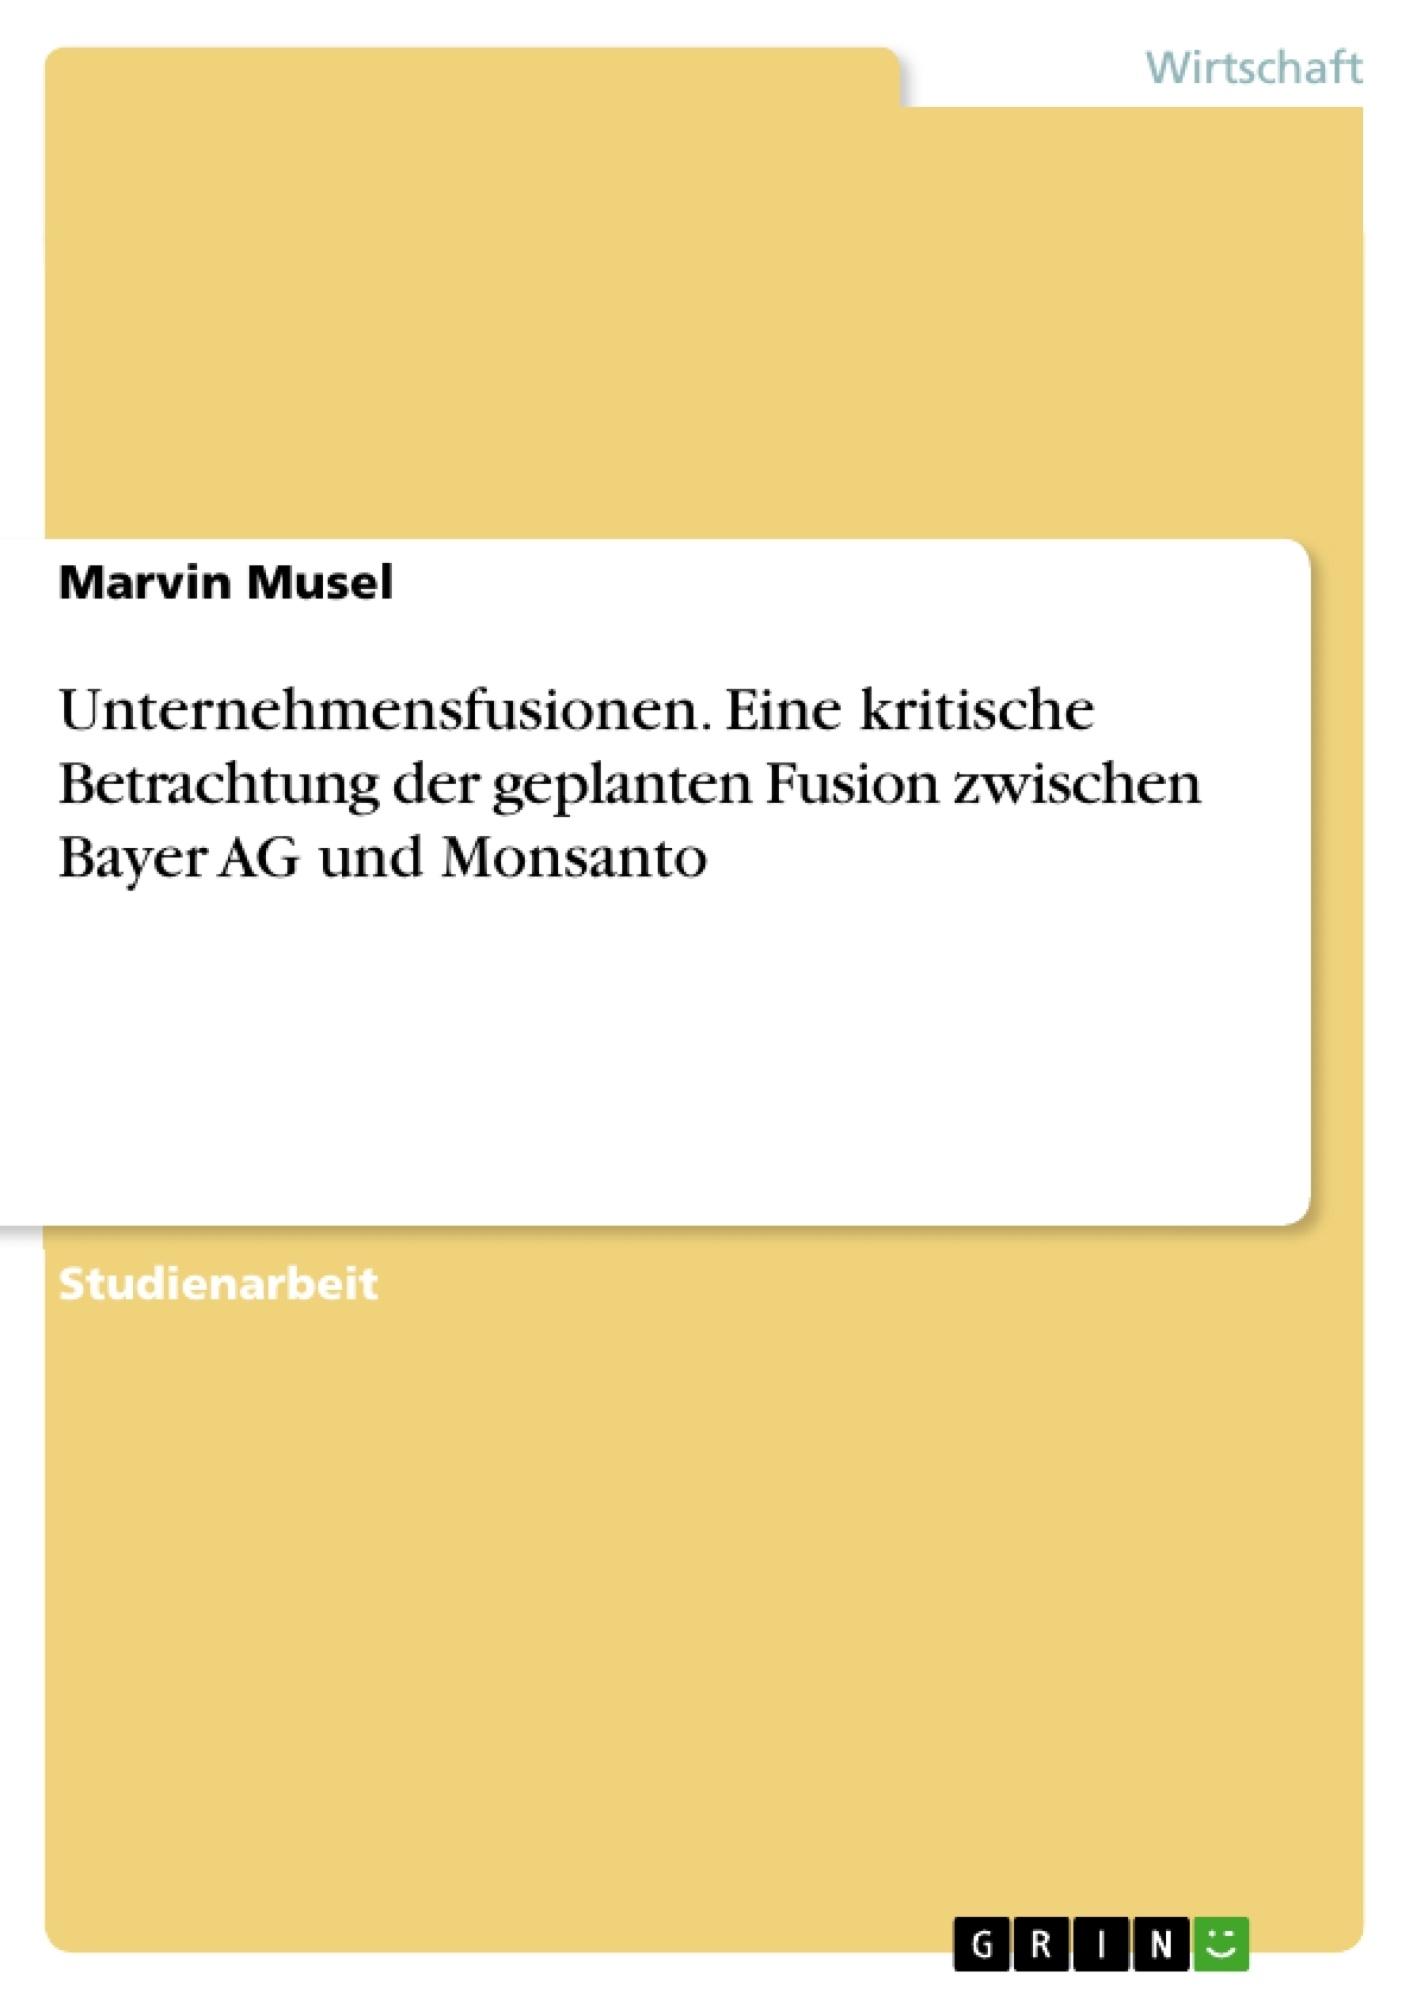 Titel: Unternehmensfusionen. Eine kritische Betrachtung der geplanten Fusion zwischen Bayer AG und Monsanto